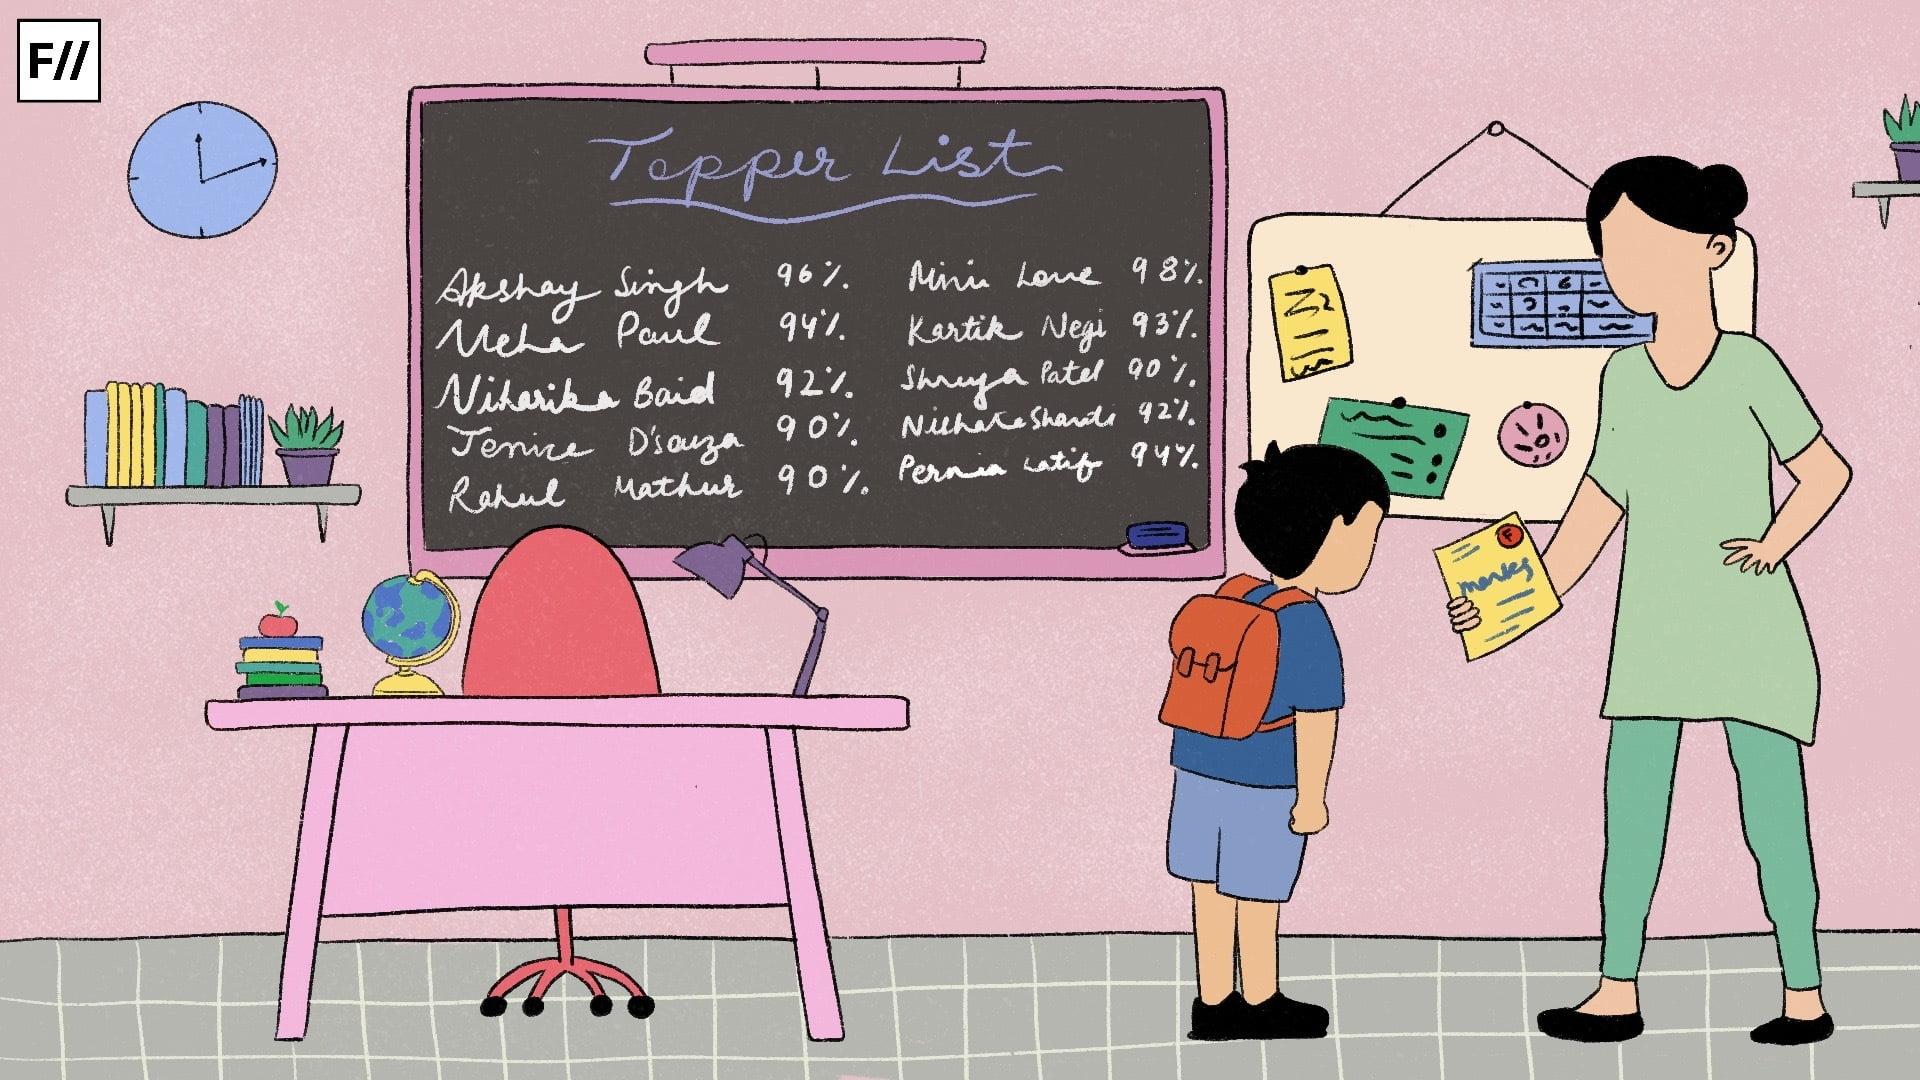 स्कूलों में होने वाली पिटाई को हम सामान्य मानकर नज़रअंदाज़ क्यों करते हैं?